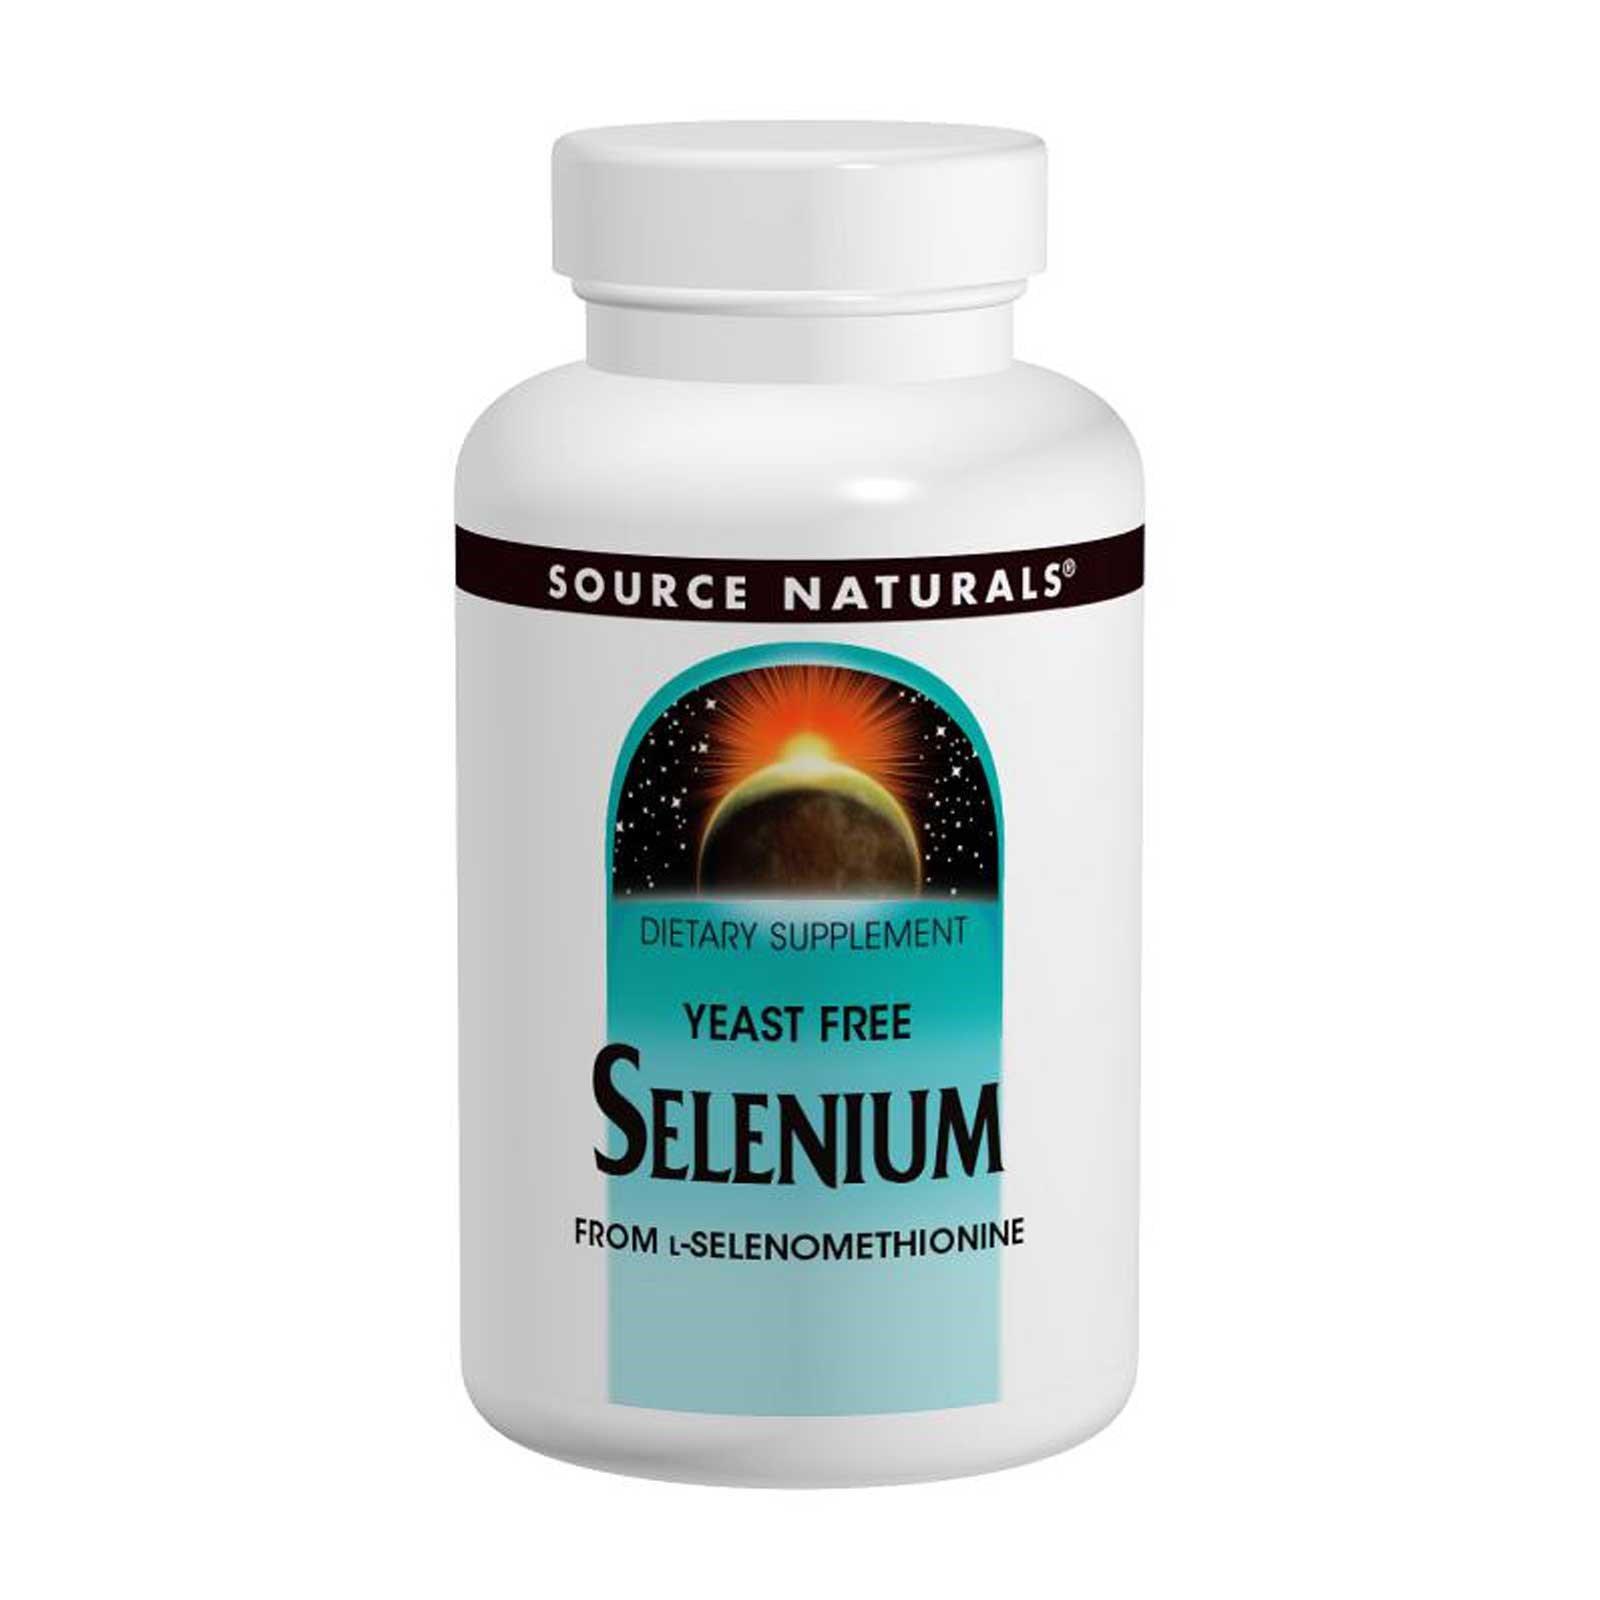 Source Naturals, Селен в форме L-селенометионина, 200 мкг, 120 таблеток